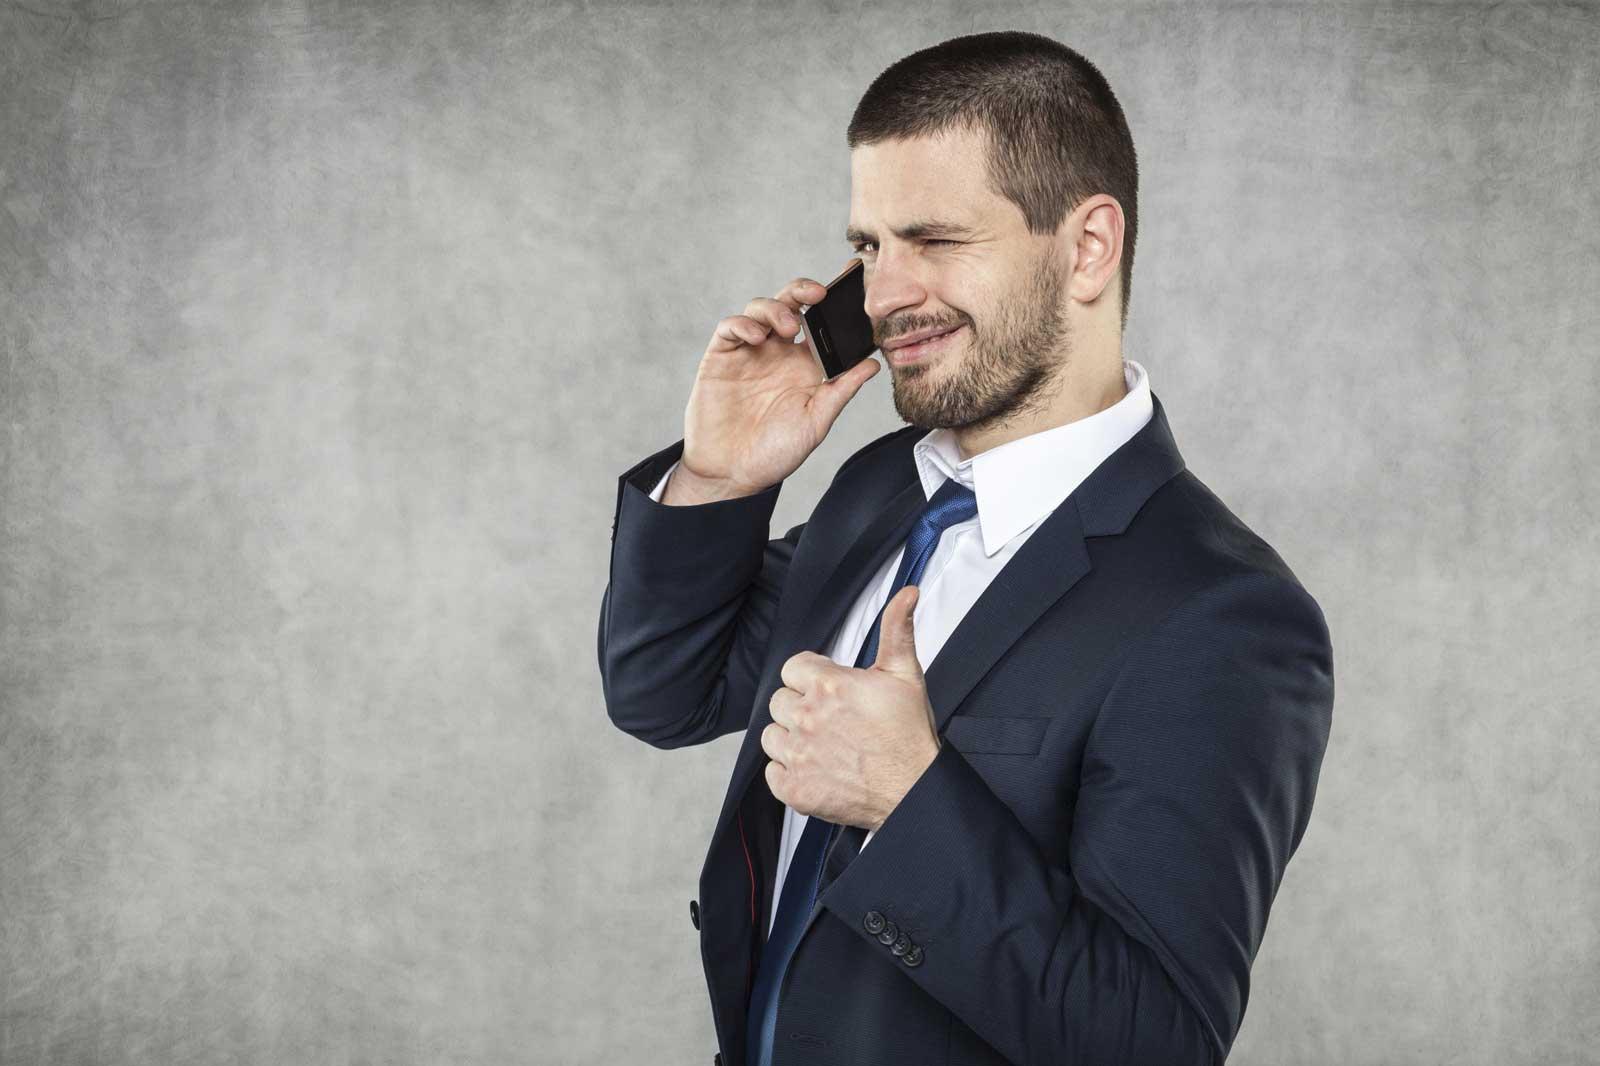 Mehr Kunden: So behalten Ihre Mitarbeiter in der Telefonakquise gute Laune